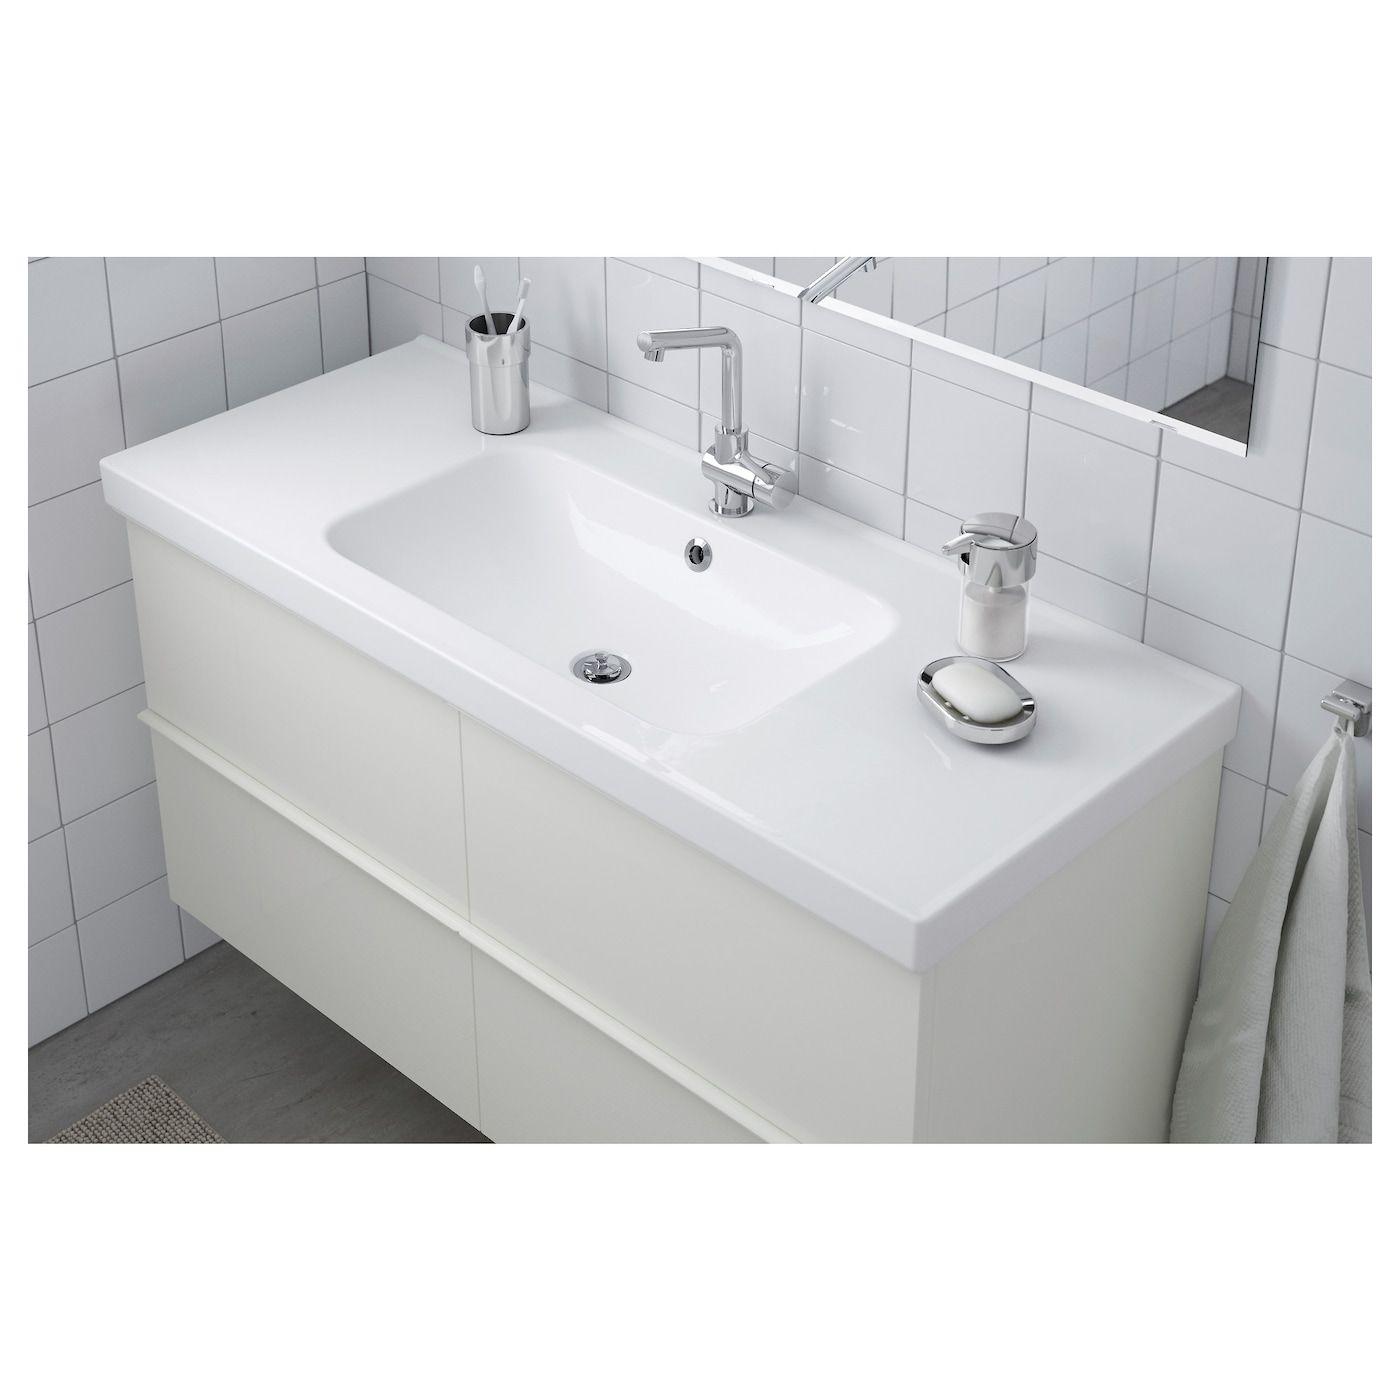 Odensvik Pojedyncza Umywalka 123x49x6 Cm Sprawdz Szczegoly Produktu Ikea In 2020 Sink Ikea Double Bowl Sink